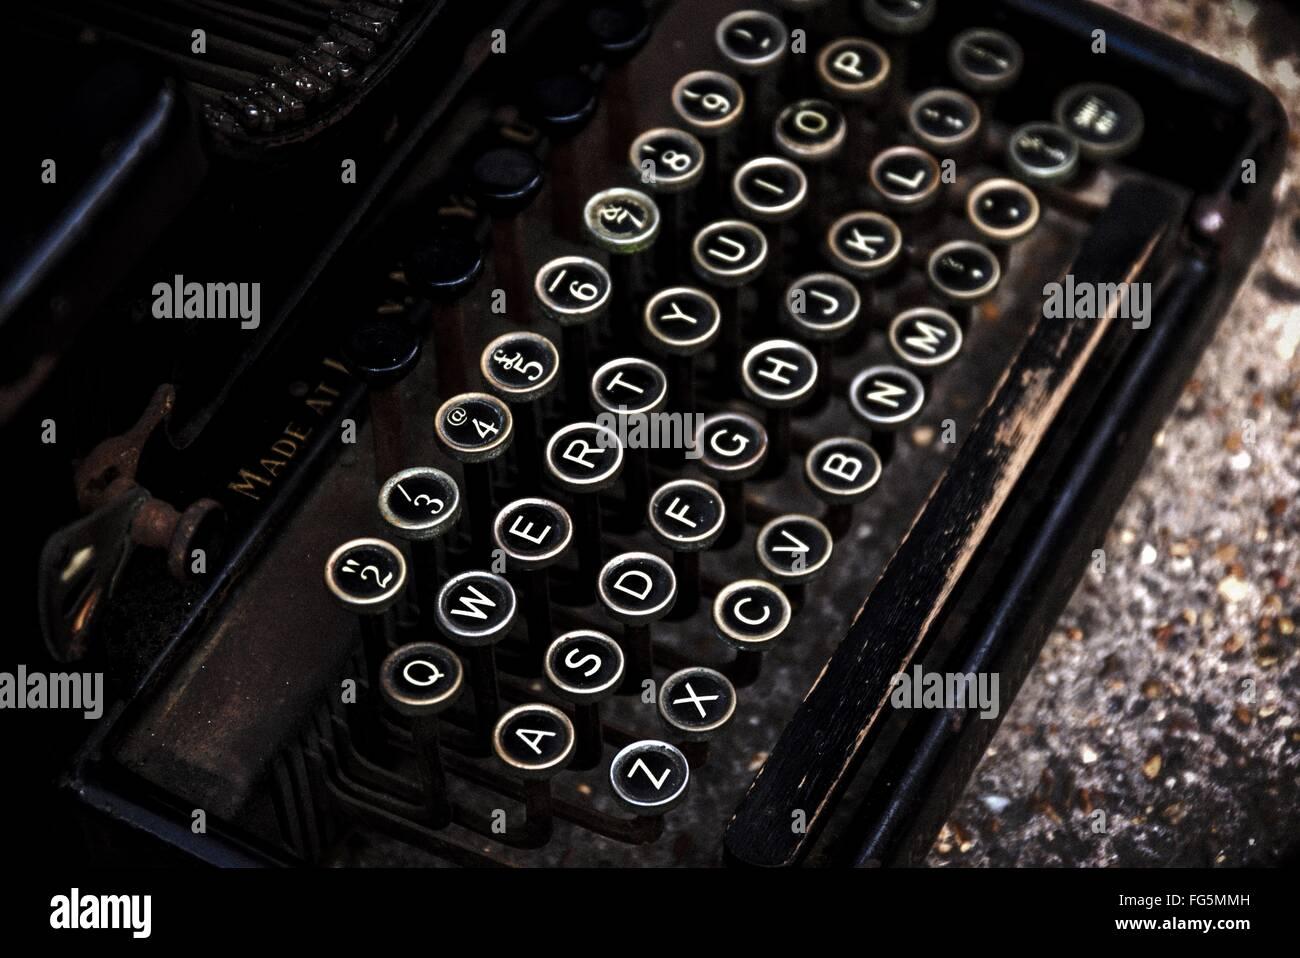 Vogelperspektive anzeigen der alten Schreibmaschine Stockbild